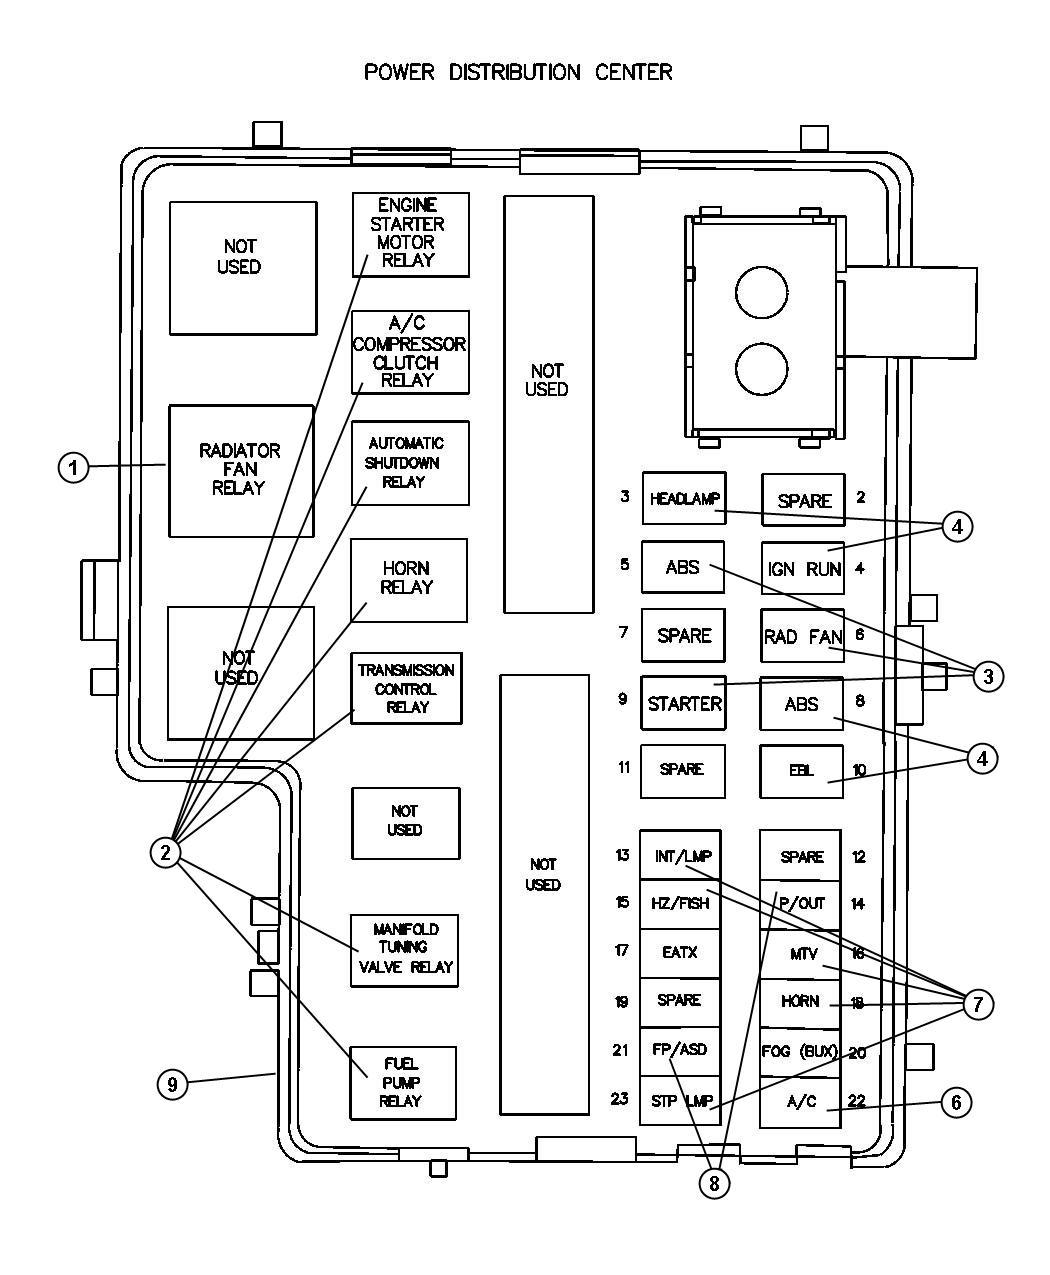 2006 Dodge Sprinter Wiring Diagram